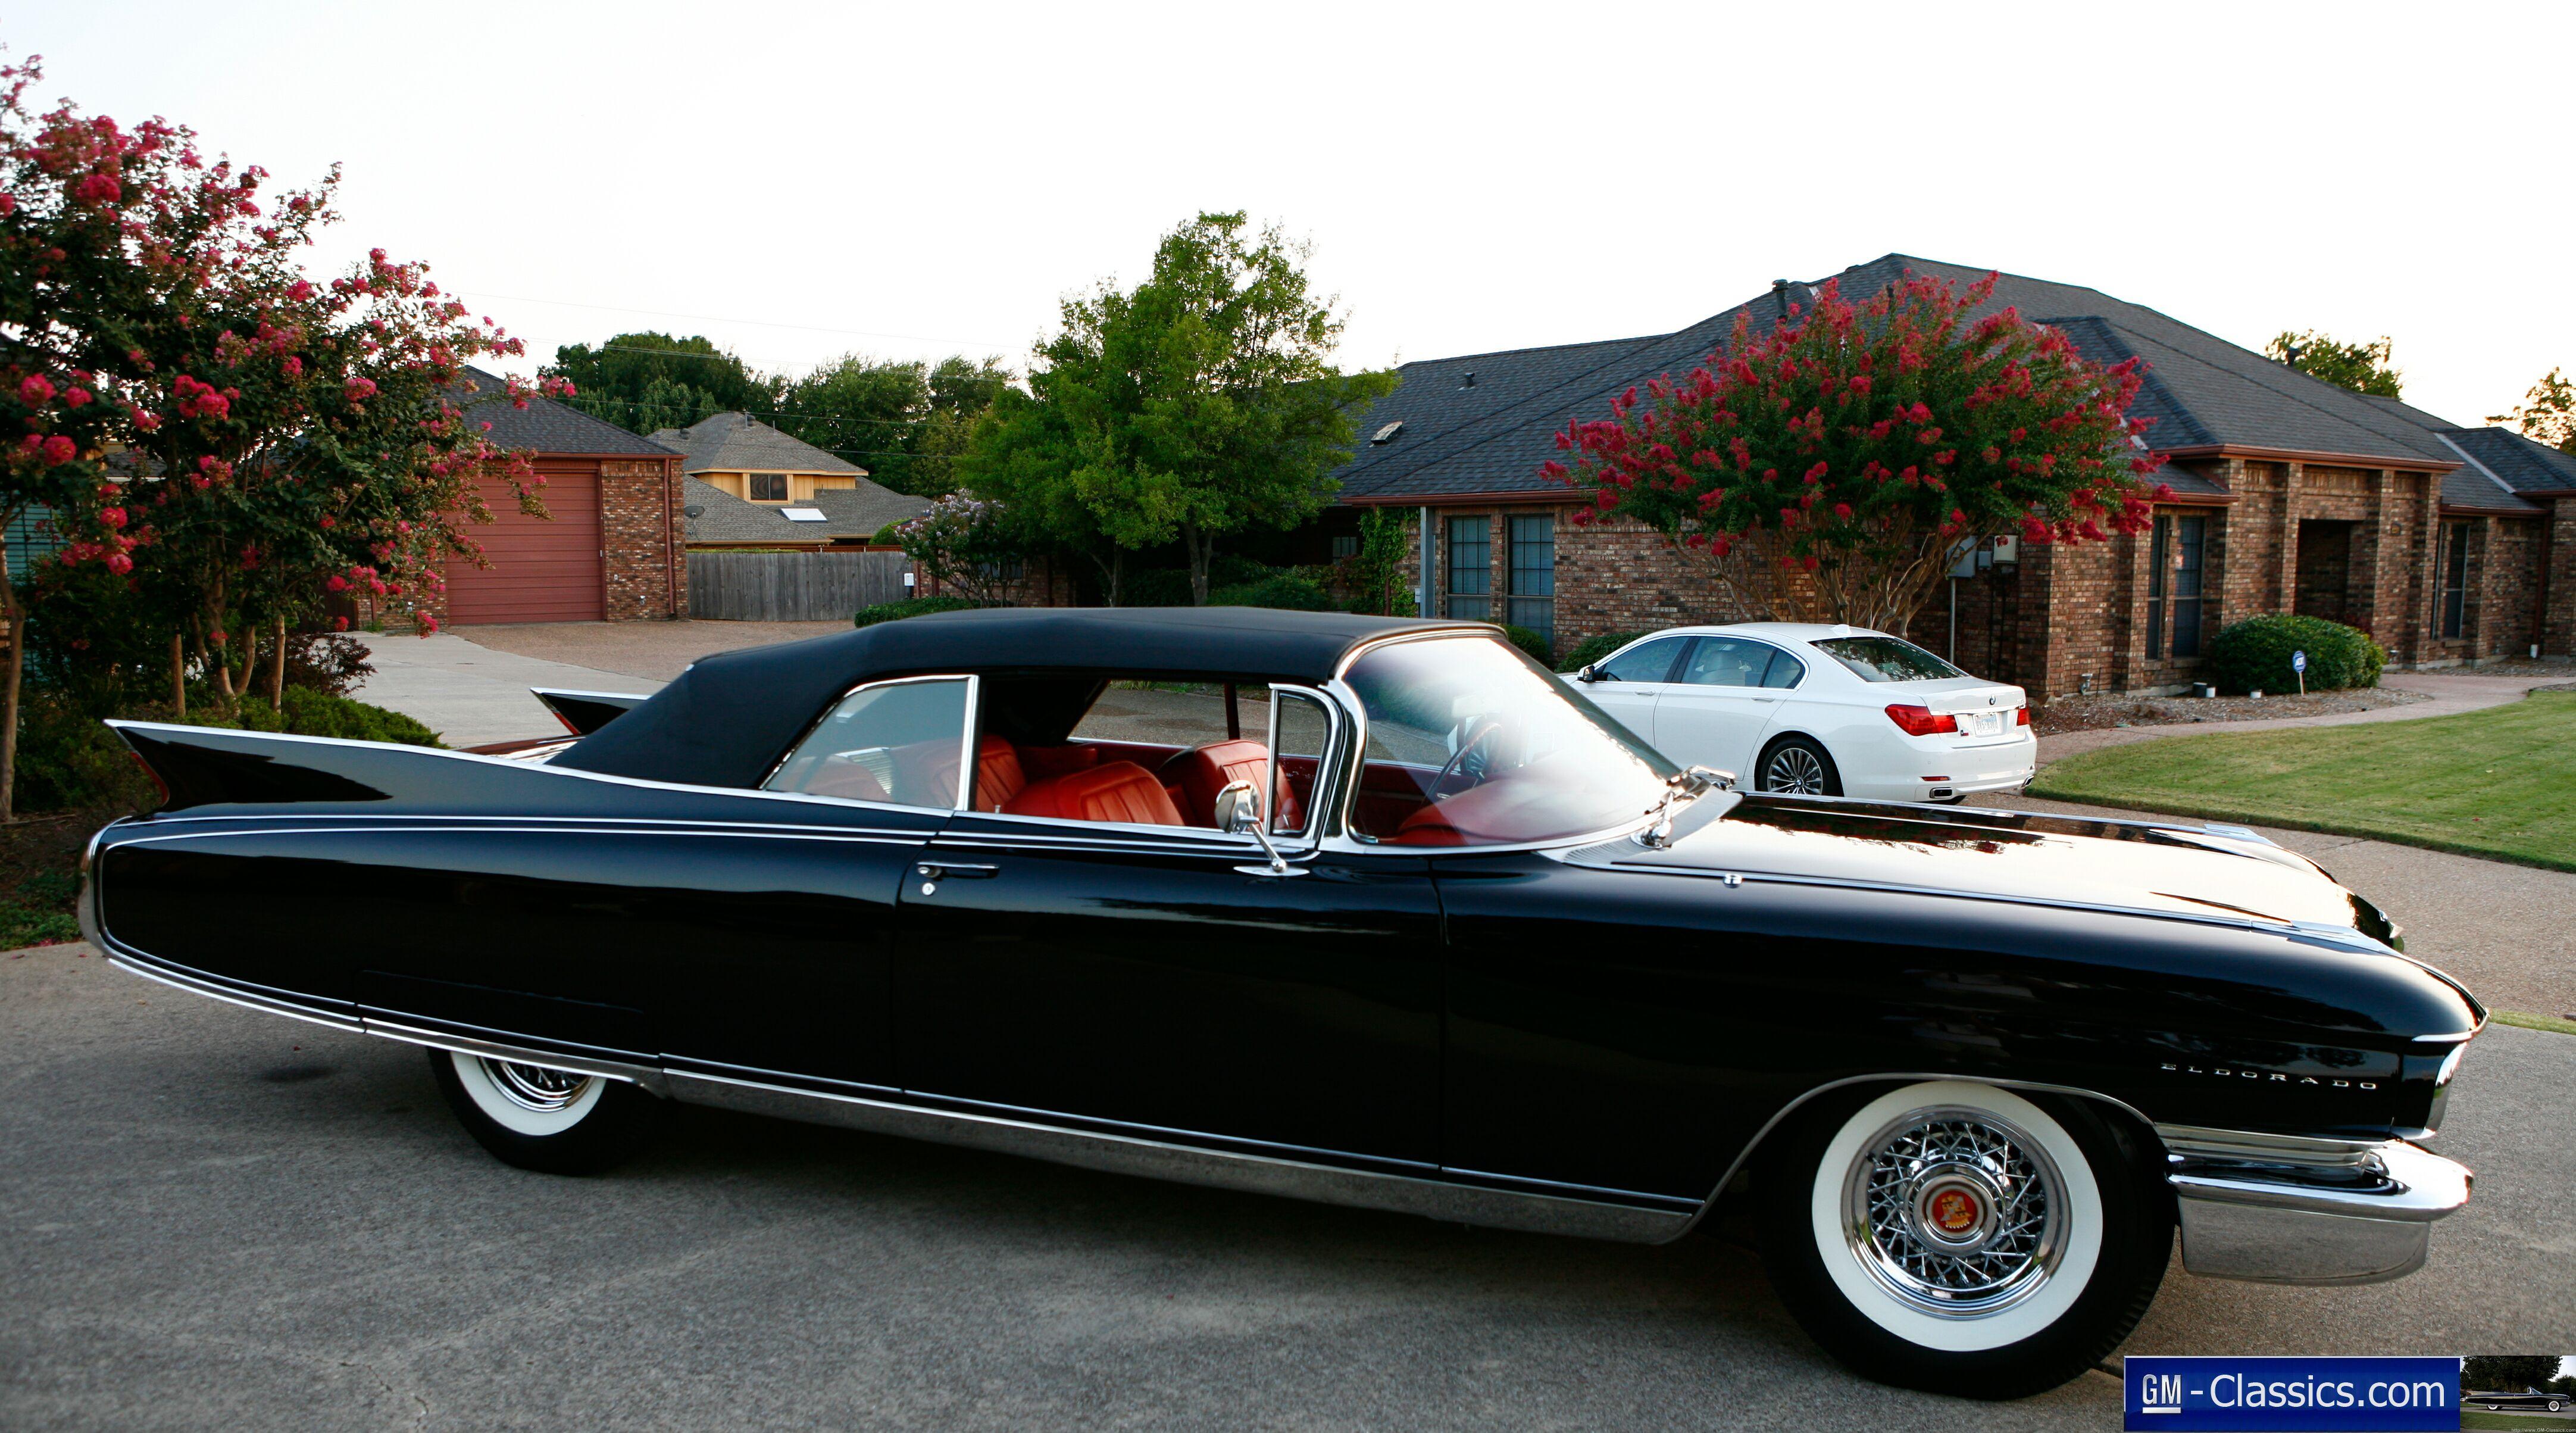 Cadillac Eldorado Biarritz Convertible Gm Classics Com Matt Garrett